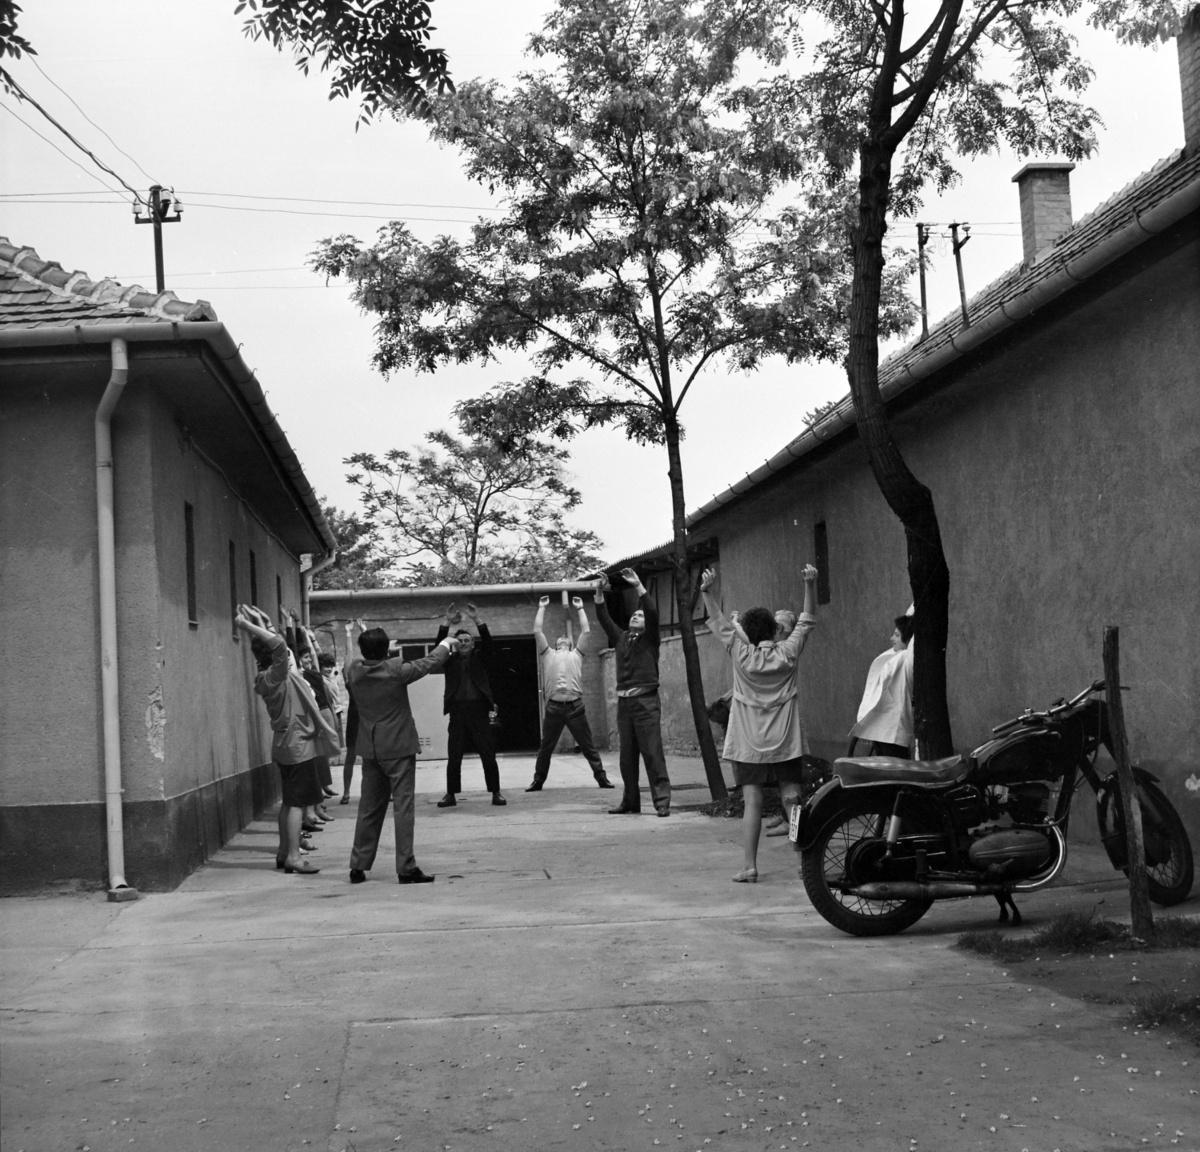 """Ifj. Kartács Béla gondolt egy nagyotA Bambuszrügy Magyar-Vietnami Barátság Mgtsz évről évre romló hatékonysággal működött. A dolgozók több időt és energiát fordítottak a hétvégi veteményeskertre, mint a szövetkezet gazdagítására, a munkaverseny már annyi embert se érdekelt, mint a menzán Toldiné Icuka dekoltázsa, pedig Toldiné Icuka egyöntetű vélemények szerint a legcsúnyább asszony volt a faluban.                          A hanyatlást és pangást látva kereste fel ifj. Kartács Béla a téeszelnökhöz, hogy lenne neki egy ötlete a dolgozók ösztönzésére. """"Az elején nem fognak örülni, de tudja, milyenek a magyar parasztok, semminek nem tudnak, ha kapnak egy zsák búzát, akkor is azon sírnak, miért nem kettőt."""" A téeszelnök hülyeségnek tartotta az ötletet, de jobb terve nem lévén, beleegyezett. Ifj. Kartács másnaptól minden reggel kivezényelte kiscsoportos foglalkozásra a kollektívát, és mindenkinek meg kell mutatnia, hány százalékot teljesített a tervből, és mennyit akar másnapra teljesíteni.A kísérlet tényleg megbukott, pár napon belül az egész téesz felmondással fenyegetőzött. Egyetlen hozadéka az volt, hogy meglátta az egyik reggel a csoportot egy, a falun épp átautózó híresség. """"Ezt lopom"""", mondta magában, mert ez szokása volt (mármint ennek mondogatása). És nemsoká új műsor kezdődött a tévében."""